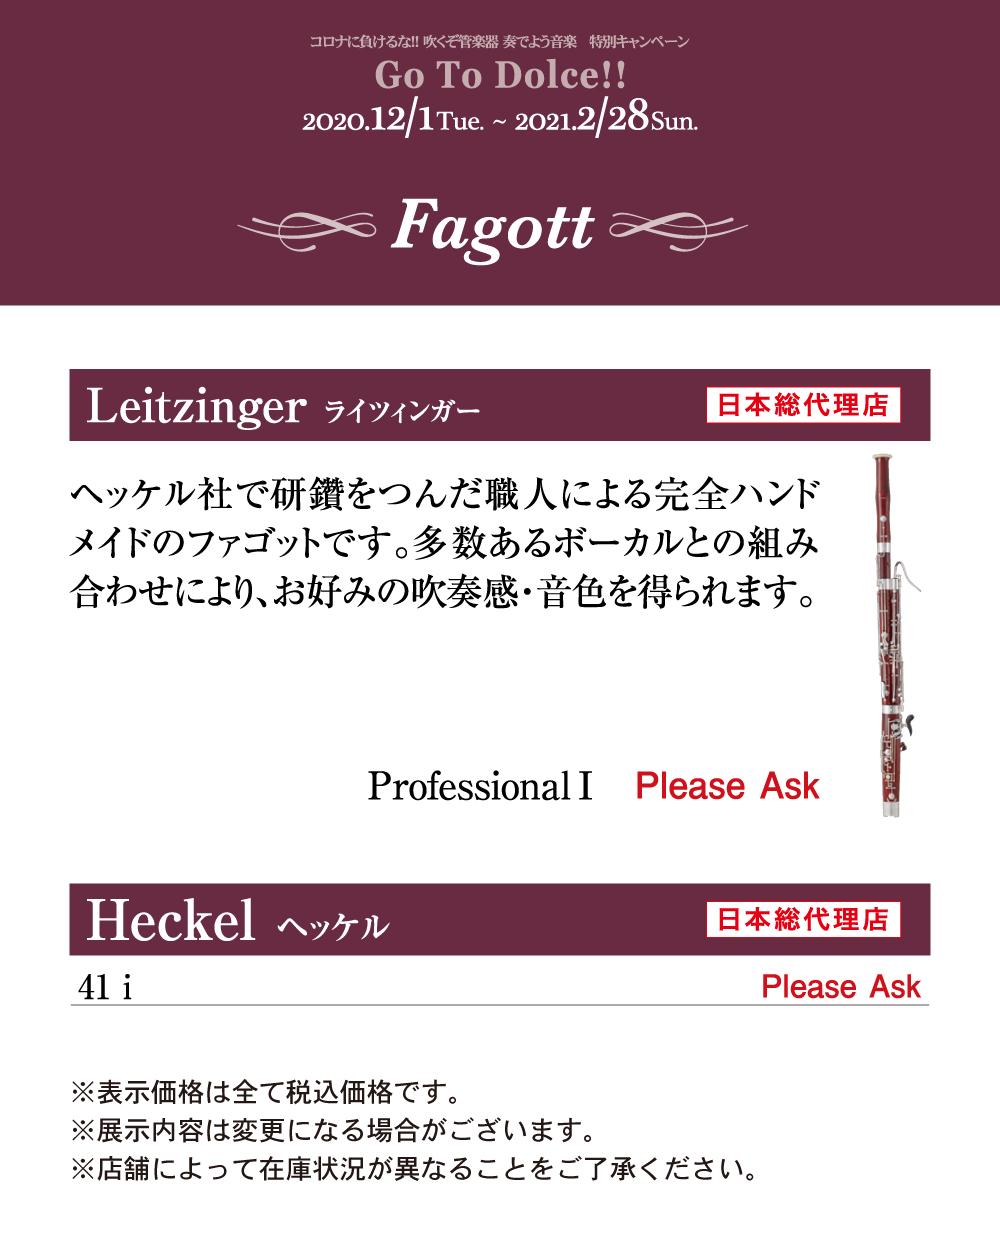 ファゴット